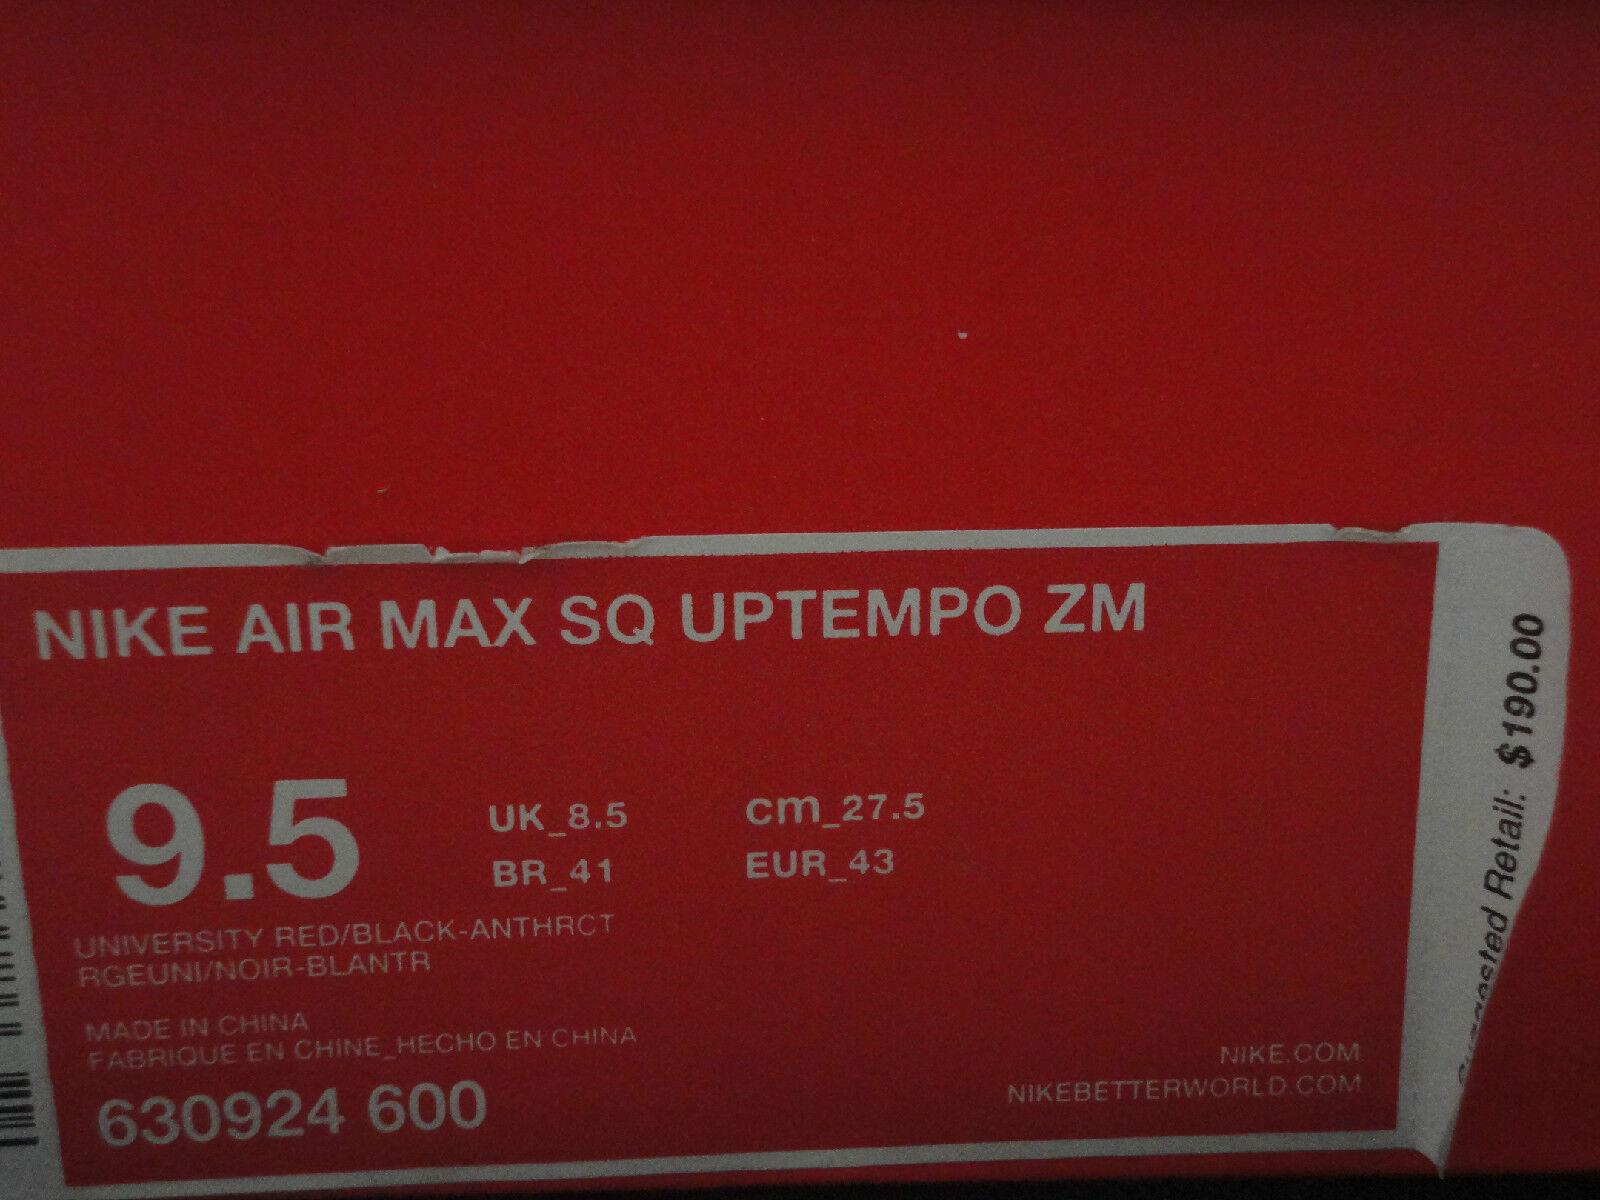 nike air max und uptempo zm, uptempo - 2, der 9,5 luft, den 190, größe 9,5 der c2fe3f